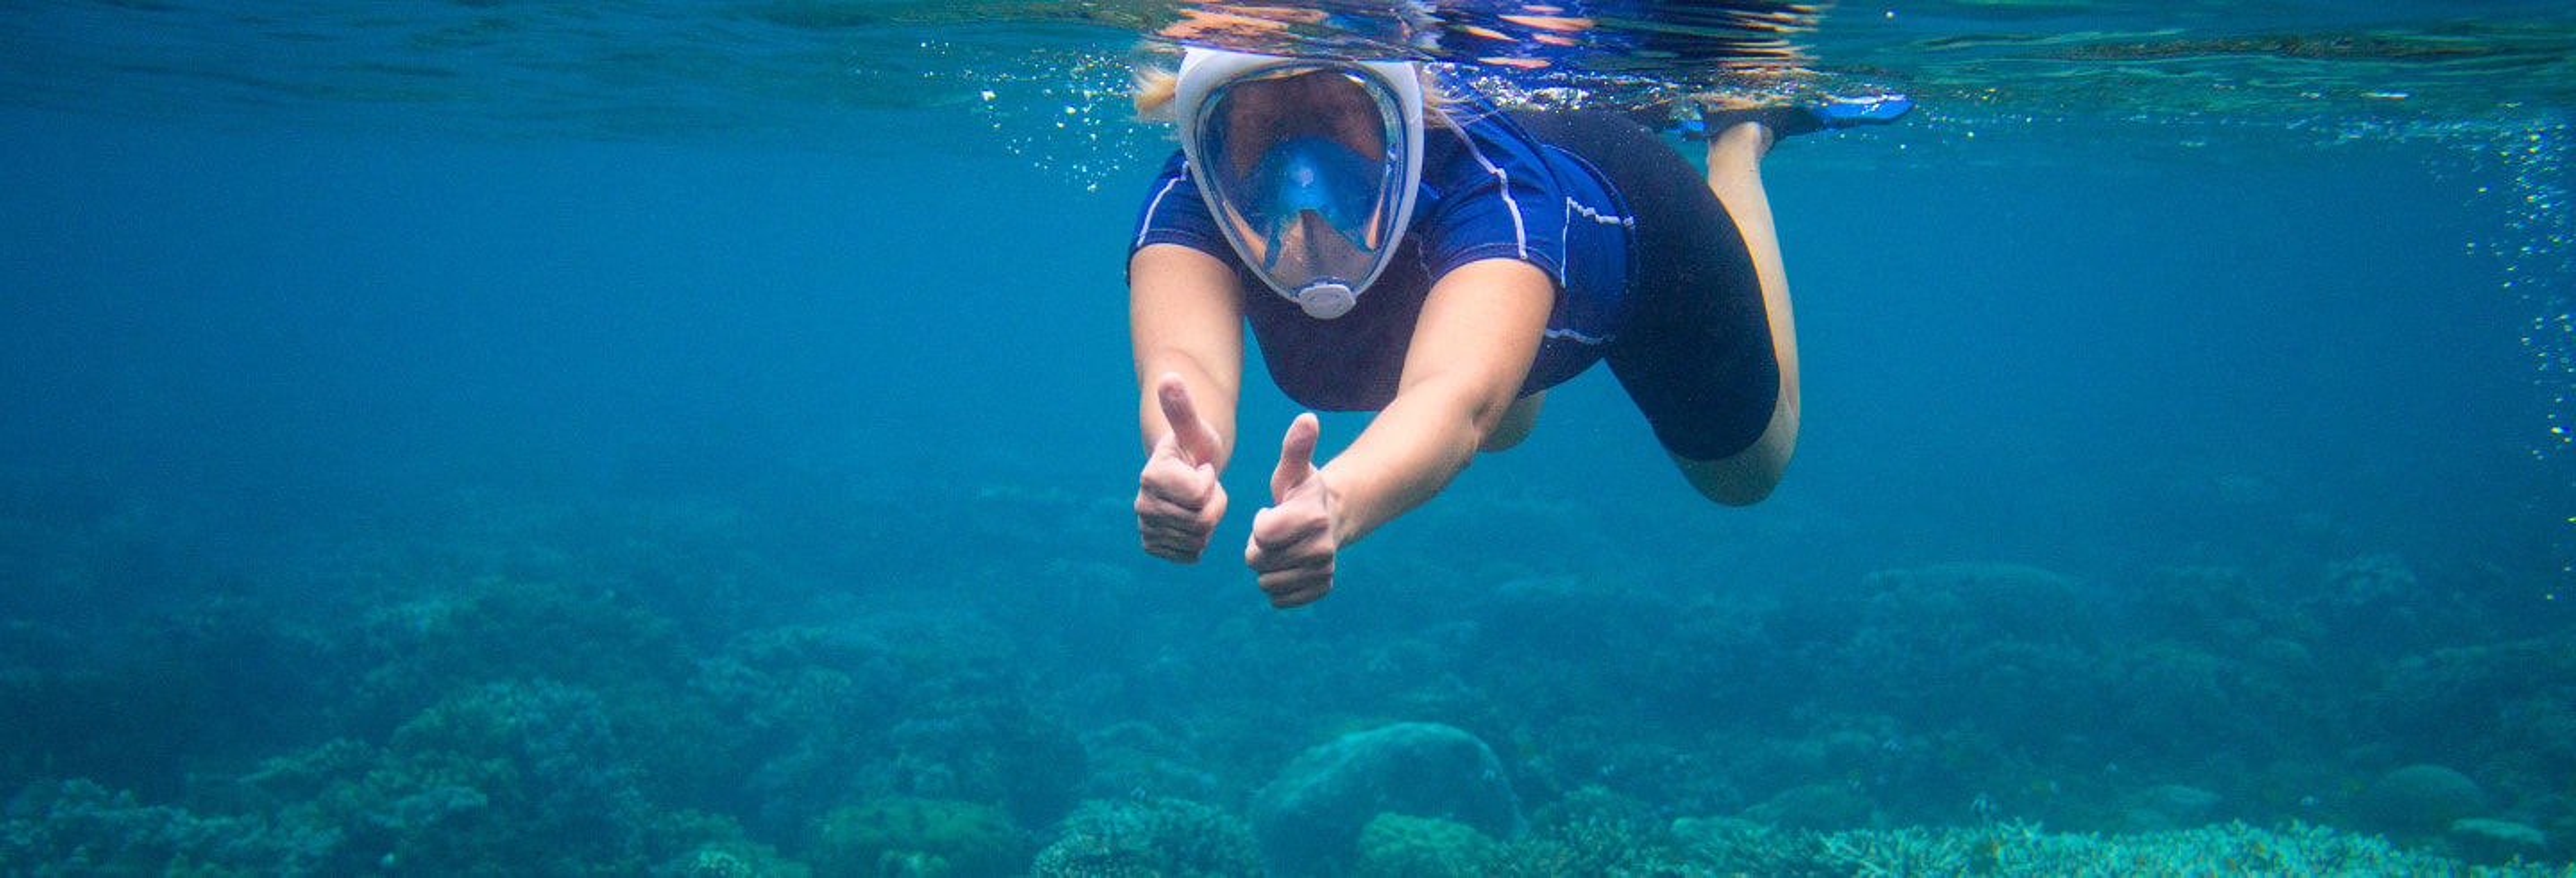 Snorkel na Praia do Forte